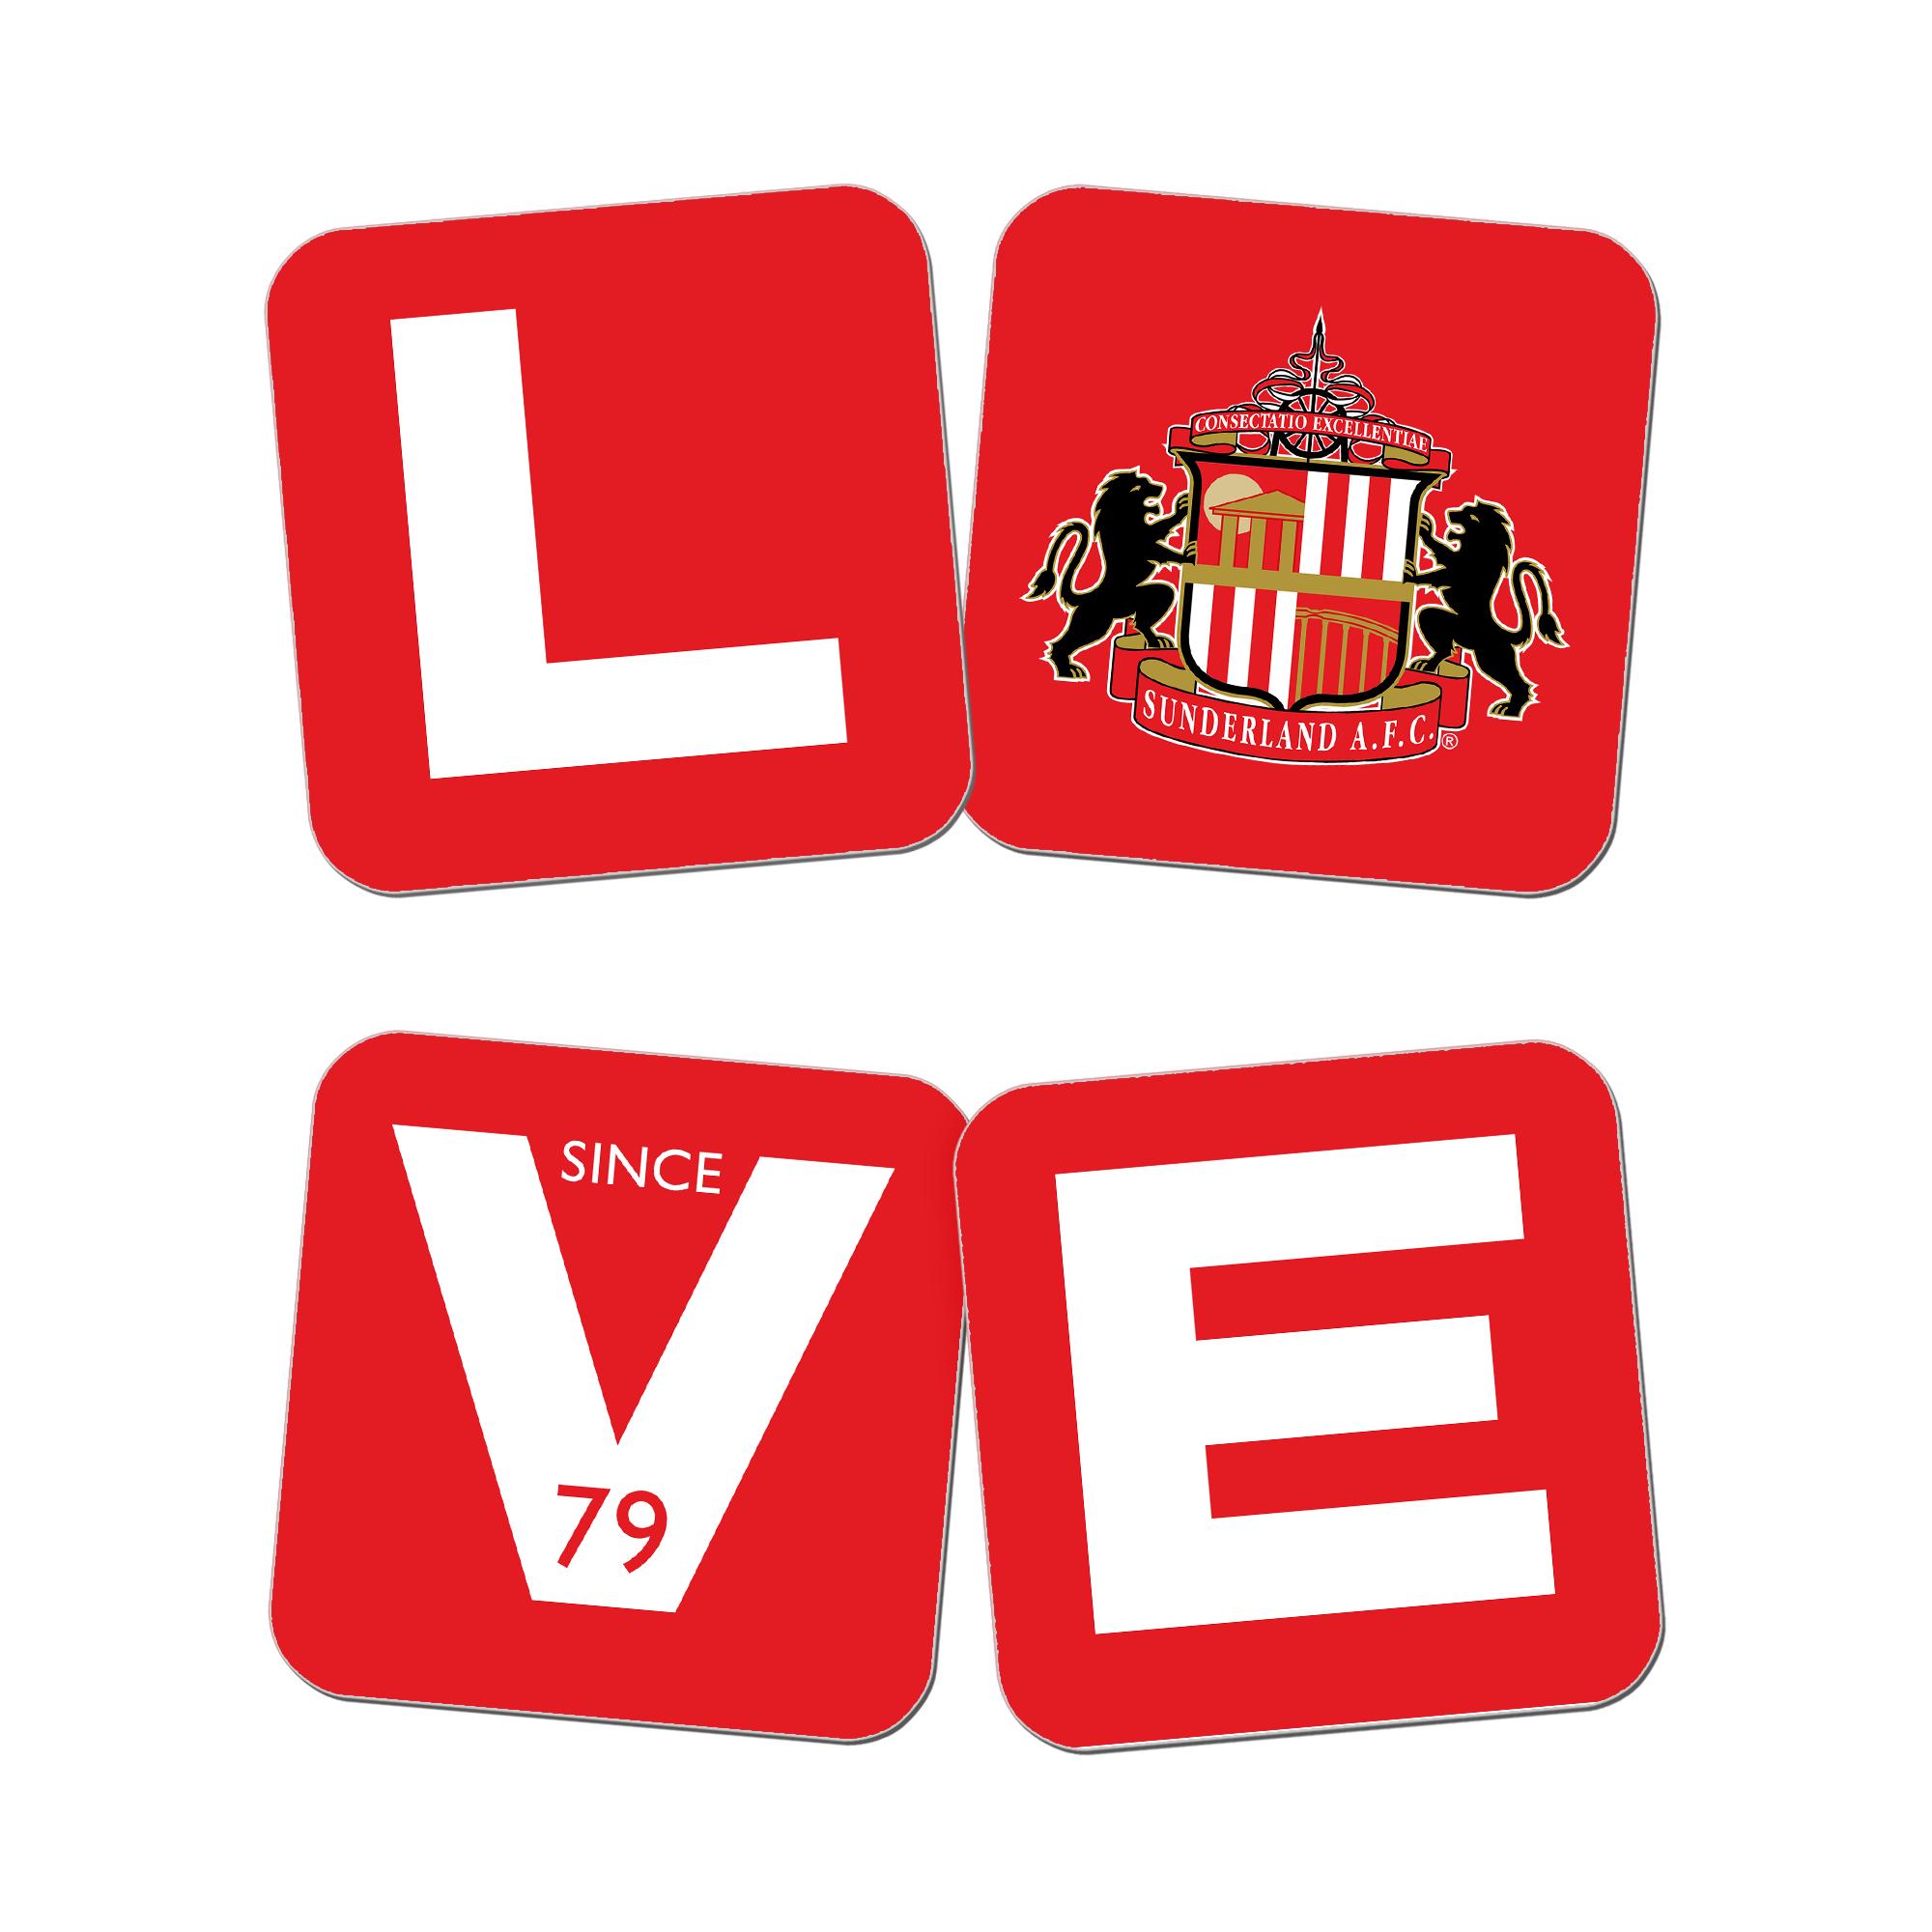 Sunderland Love Coasters (x4)